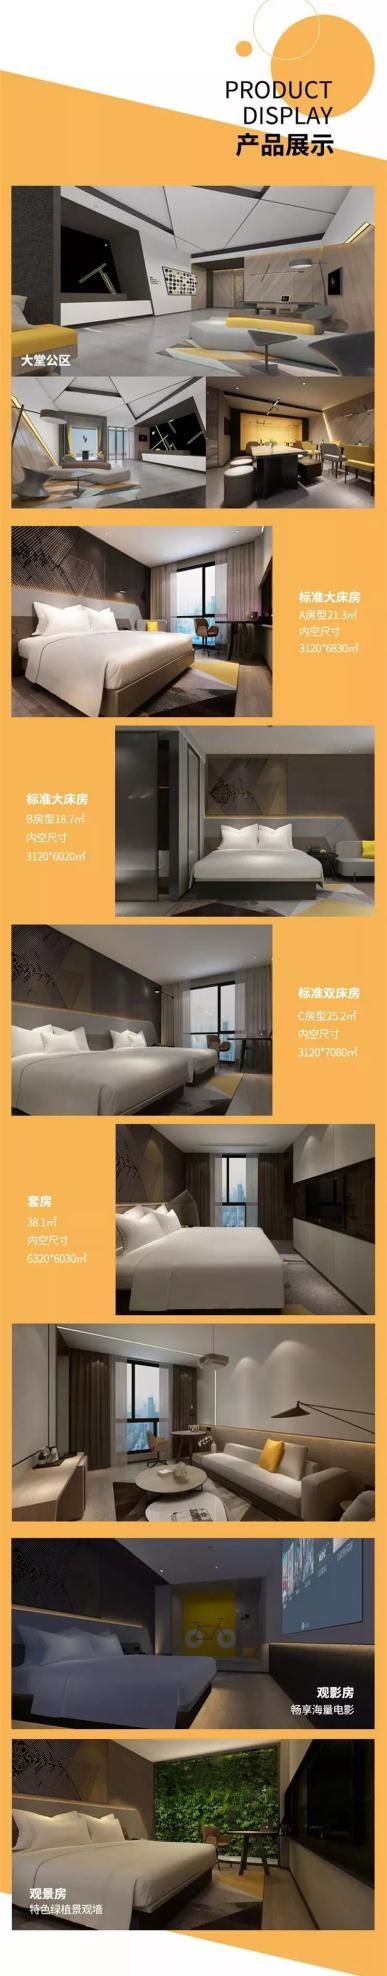 IU酒店产品展示